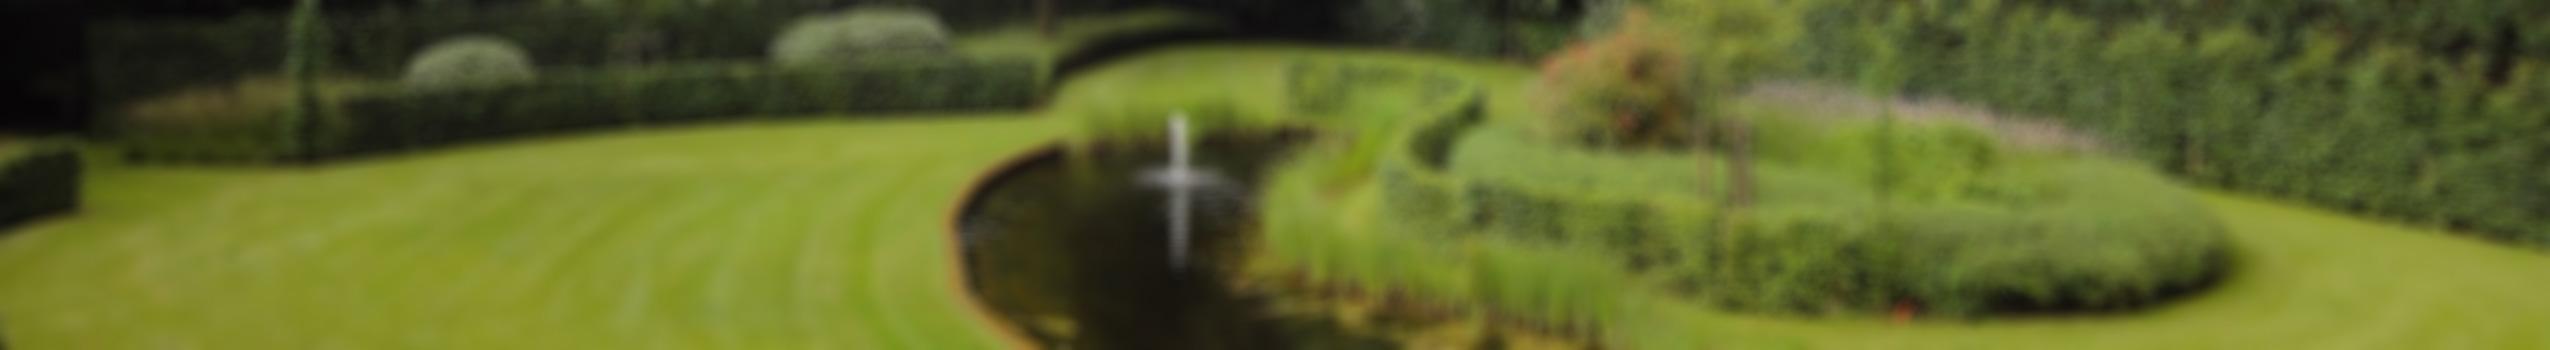 De-Tuinman-Tuinaanleg-en-Tuinontwerp-vaag